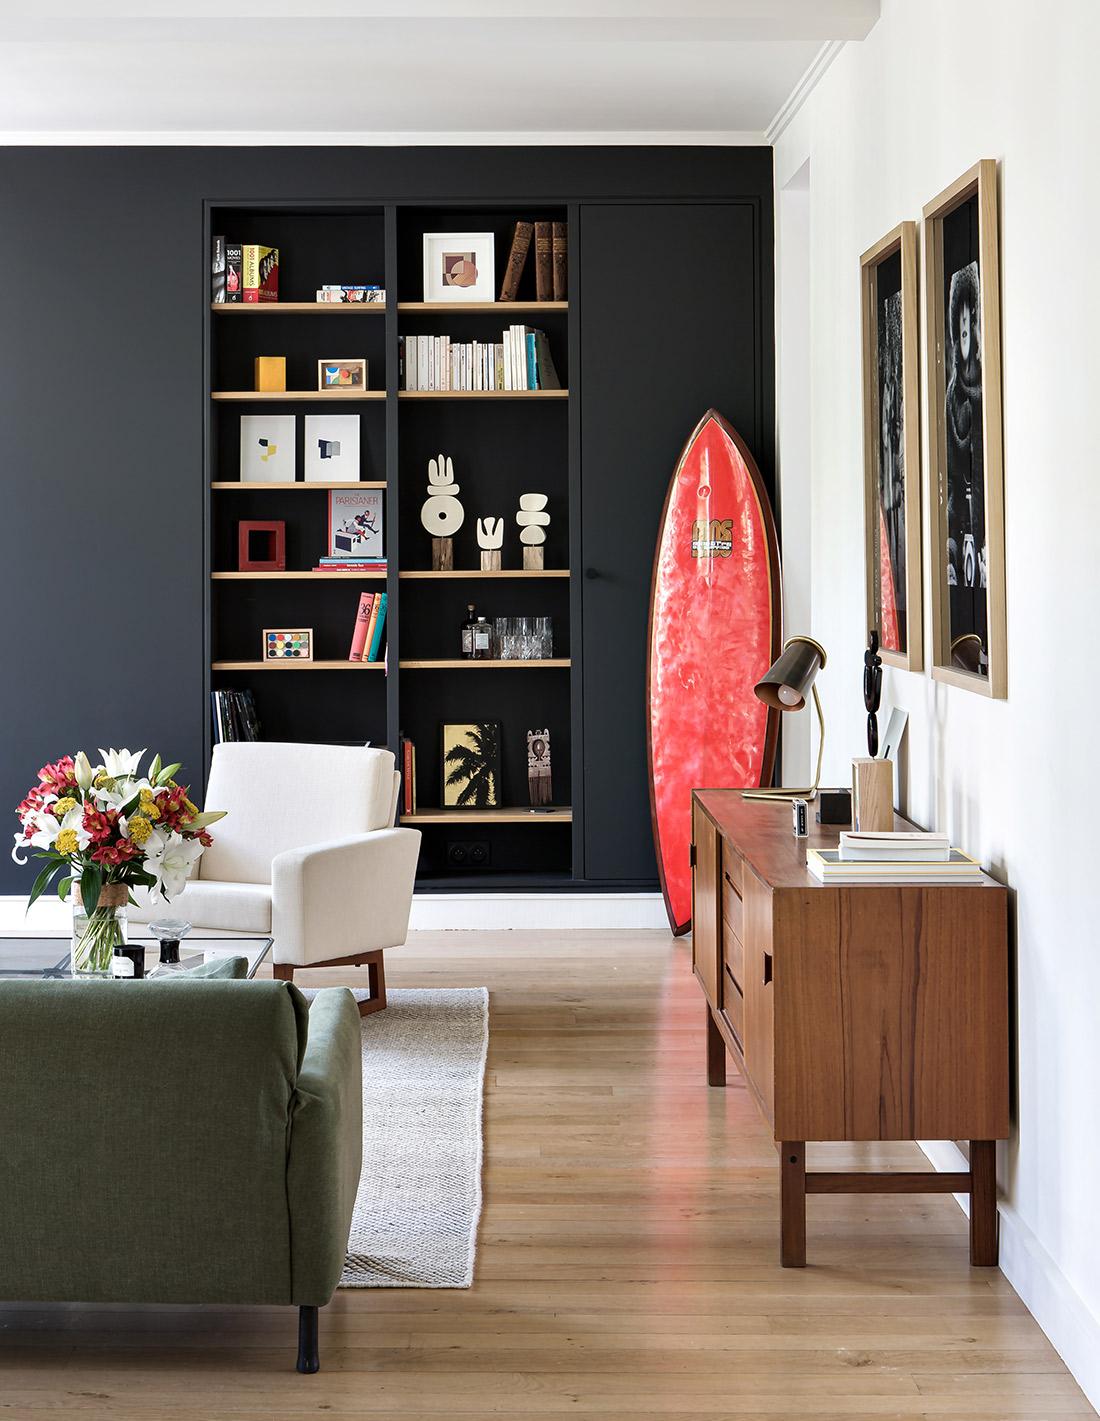 BE SURFING - Shooting d'ambiance chez Yann & Laure -Salon